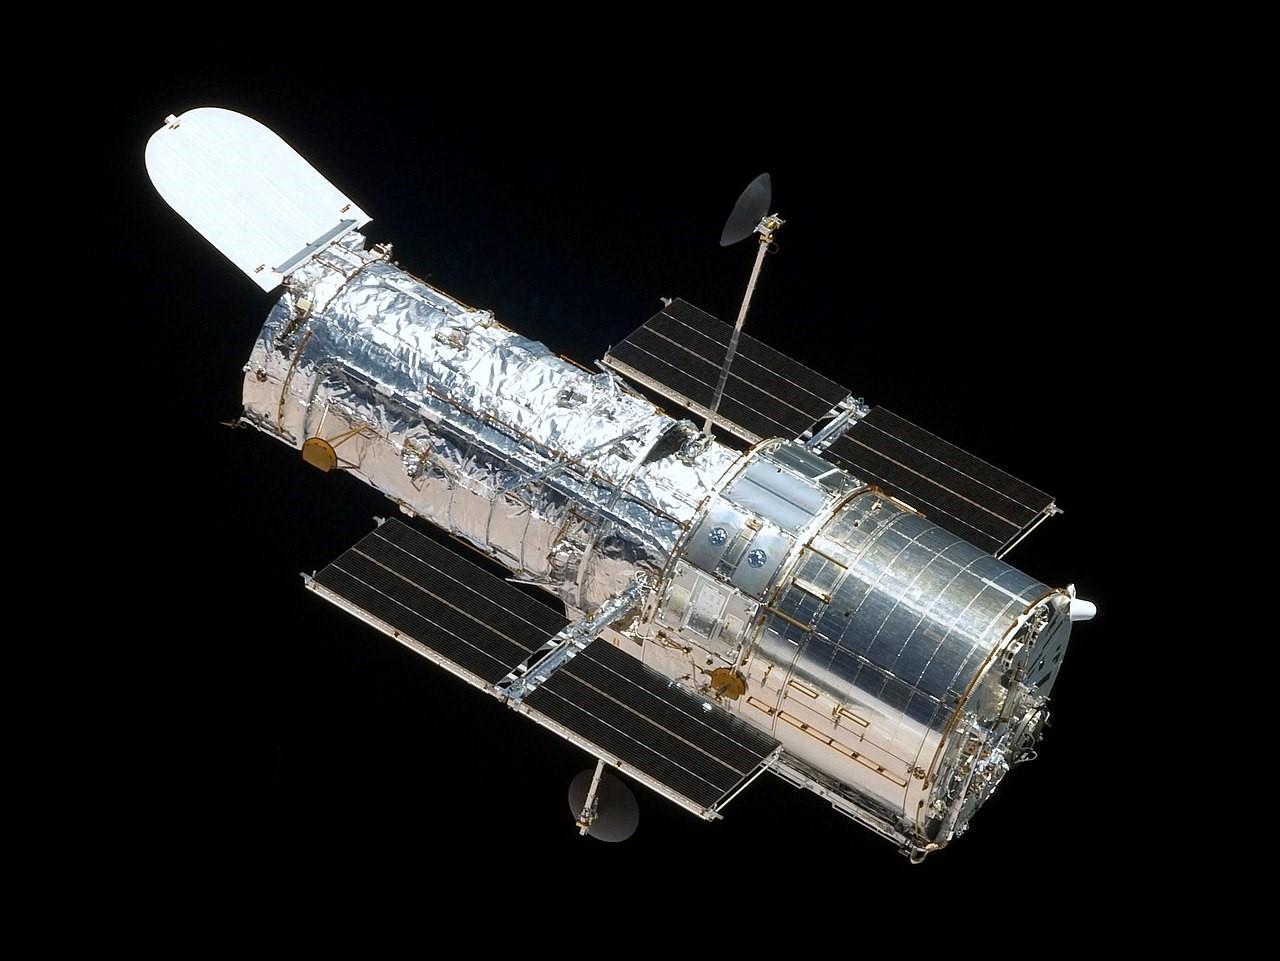 Gli anni si sentono: il telescopio spaziale Hubble ha di nuovo qualche problema Andrea Castelli, Associazione LOfficina, Civico Planetario Ulrico Hoepli, ESA, giroscopio, Hubble, lofficina del planetario, NASA, news, telescopio spaziale